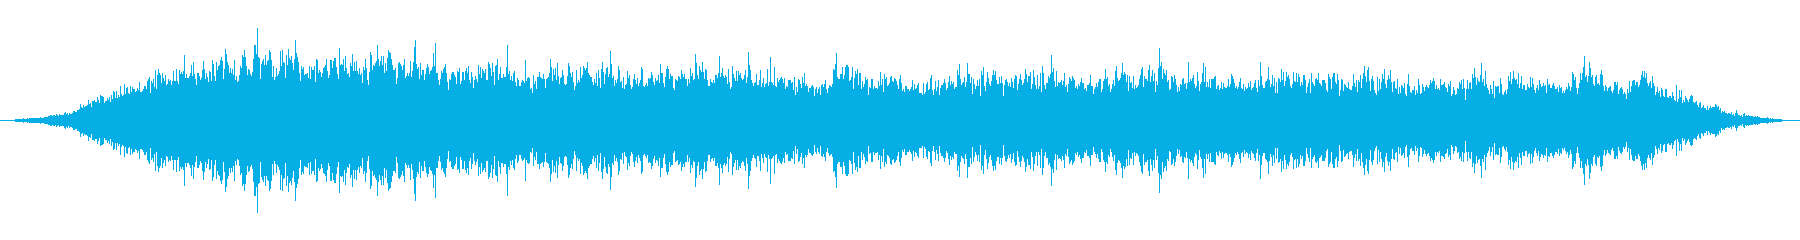 パンチバッグのボクシングペーストの再生済みの波形